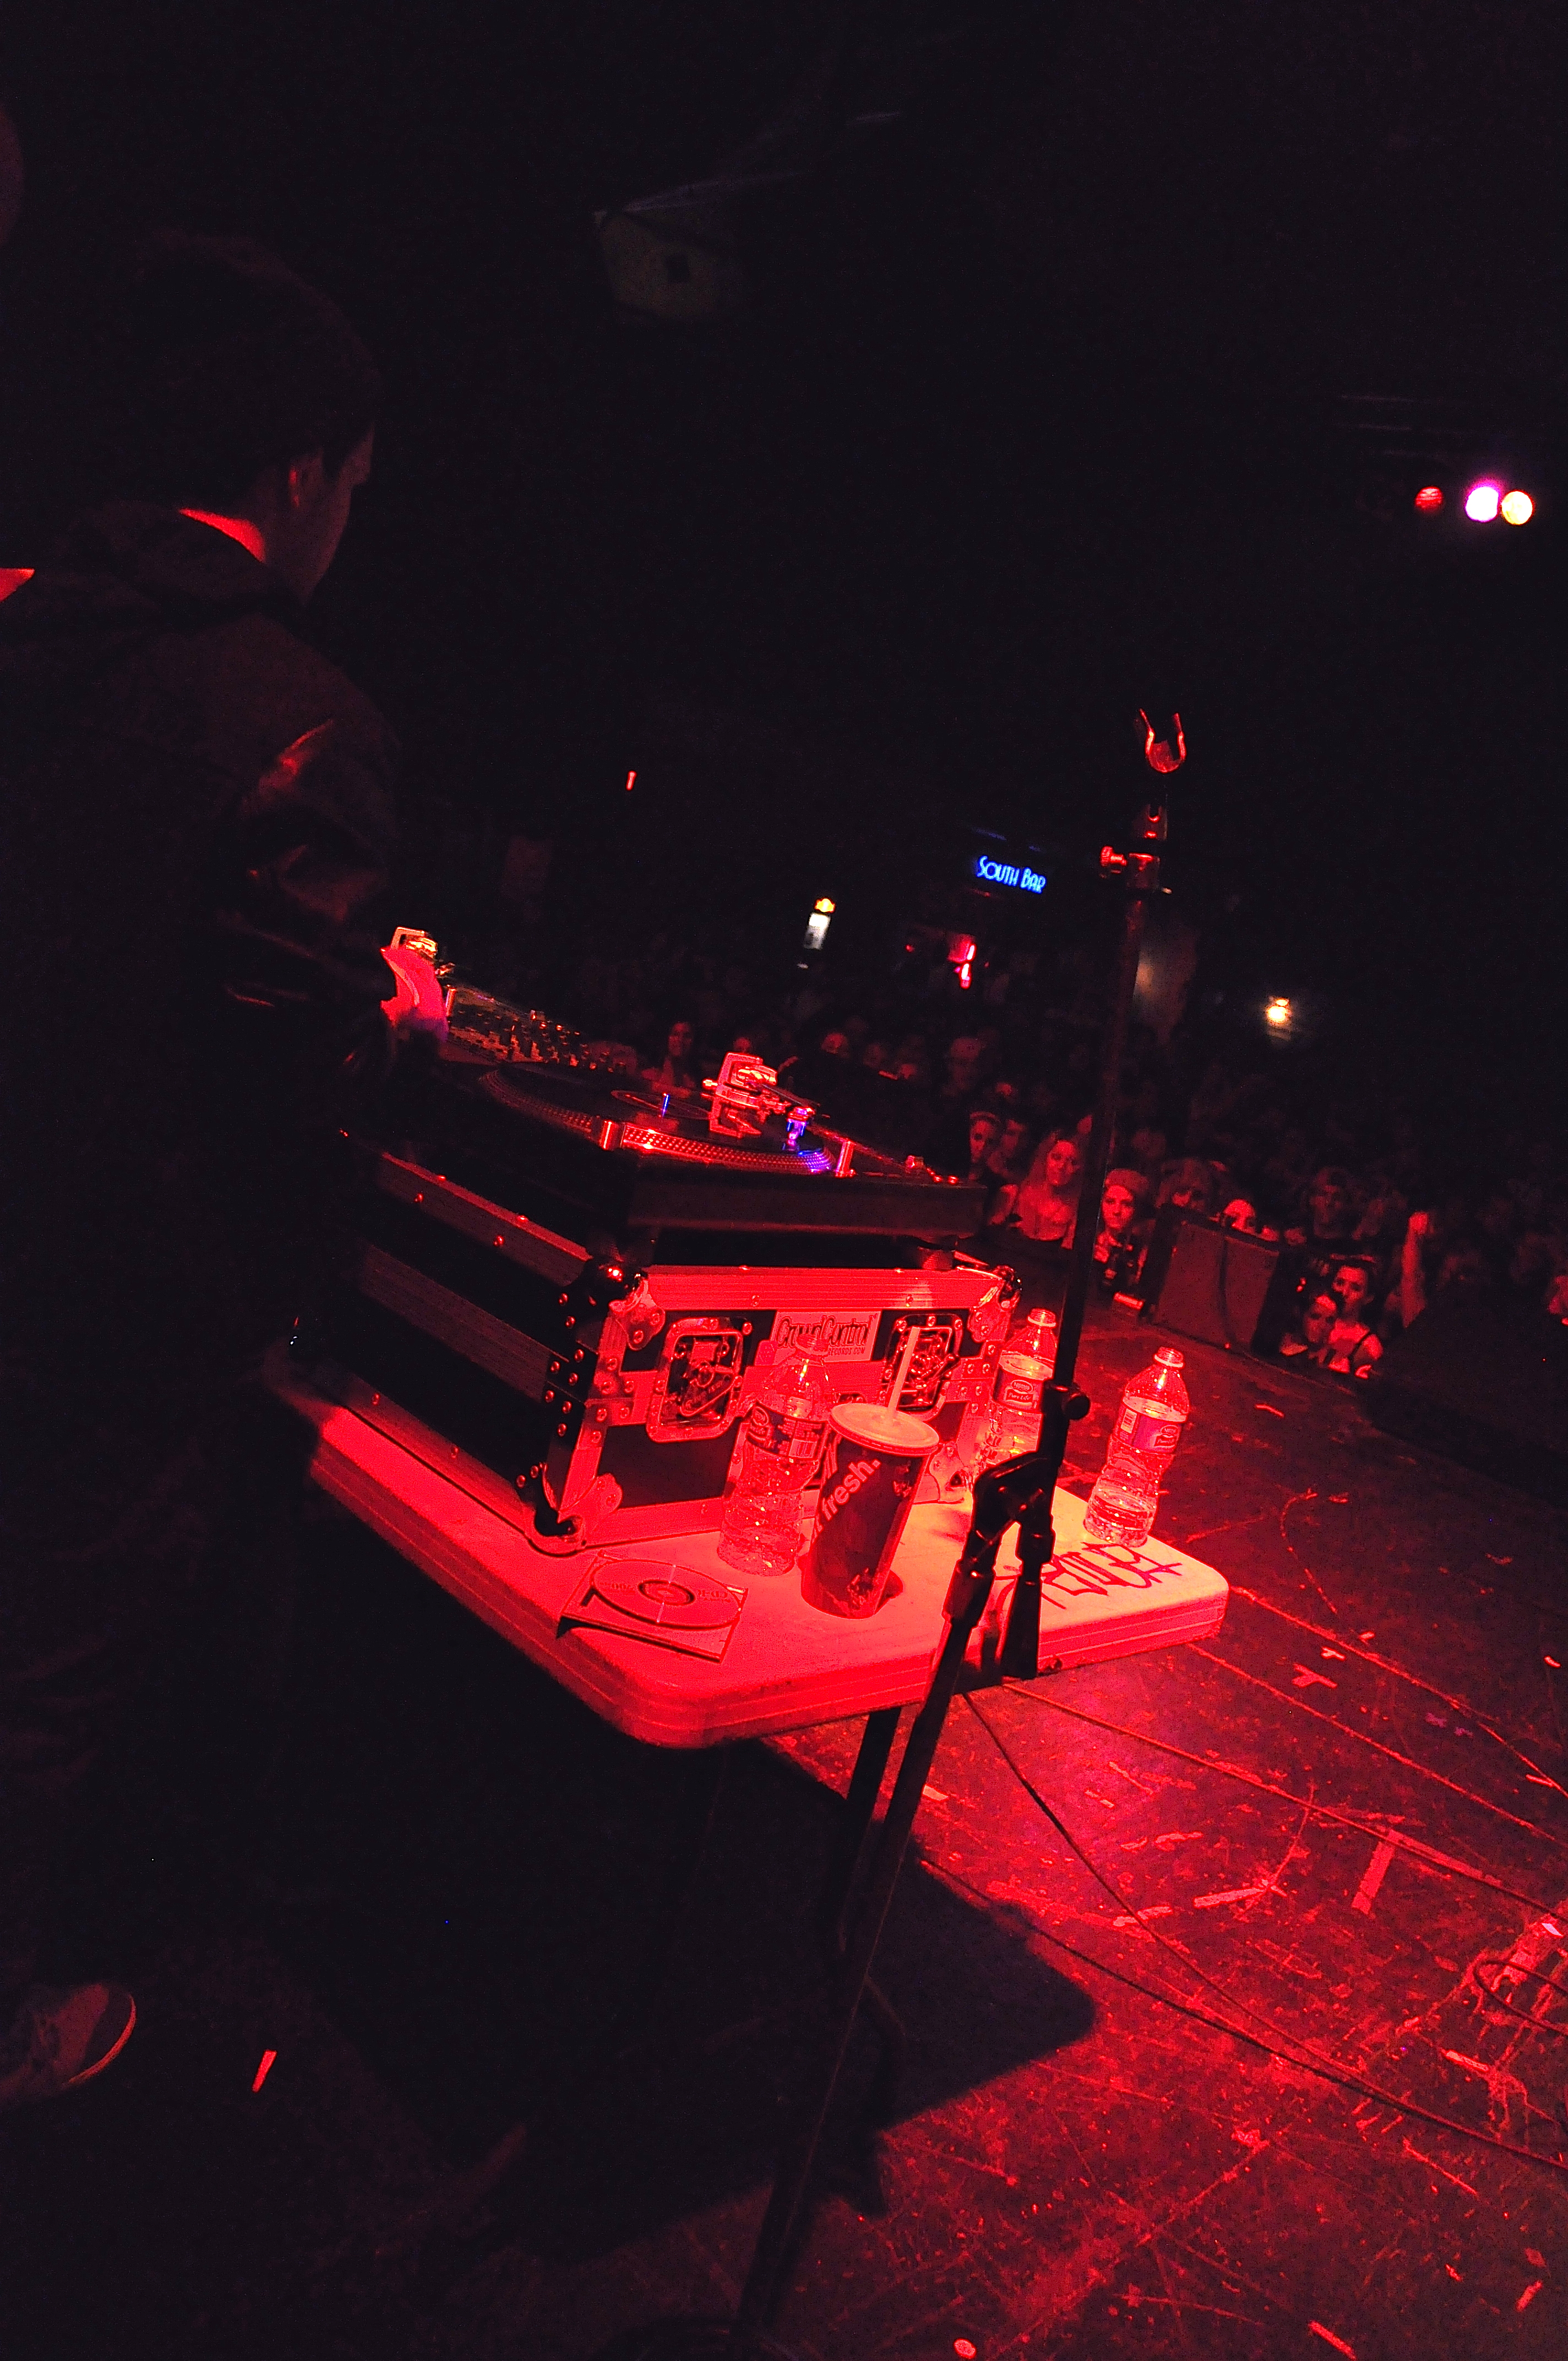 DJ Ell and Machine Gun Kelly at Majestic, That DJ Ell, DJ Ell, DJ Ell, That DJ Ell, MGK, MGK Majestic Theatre MGK D.S.B. 1